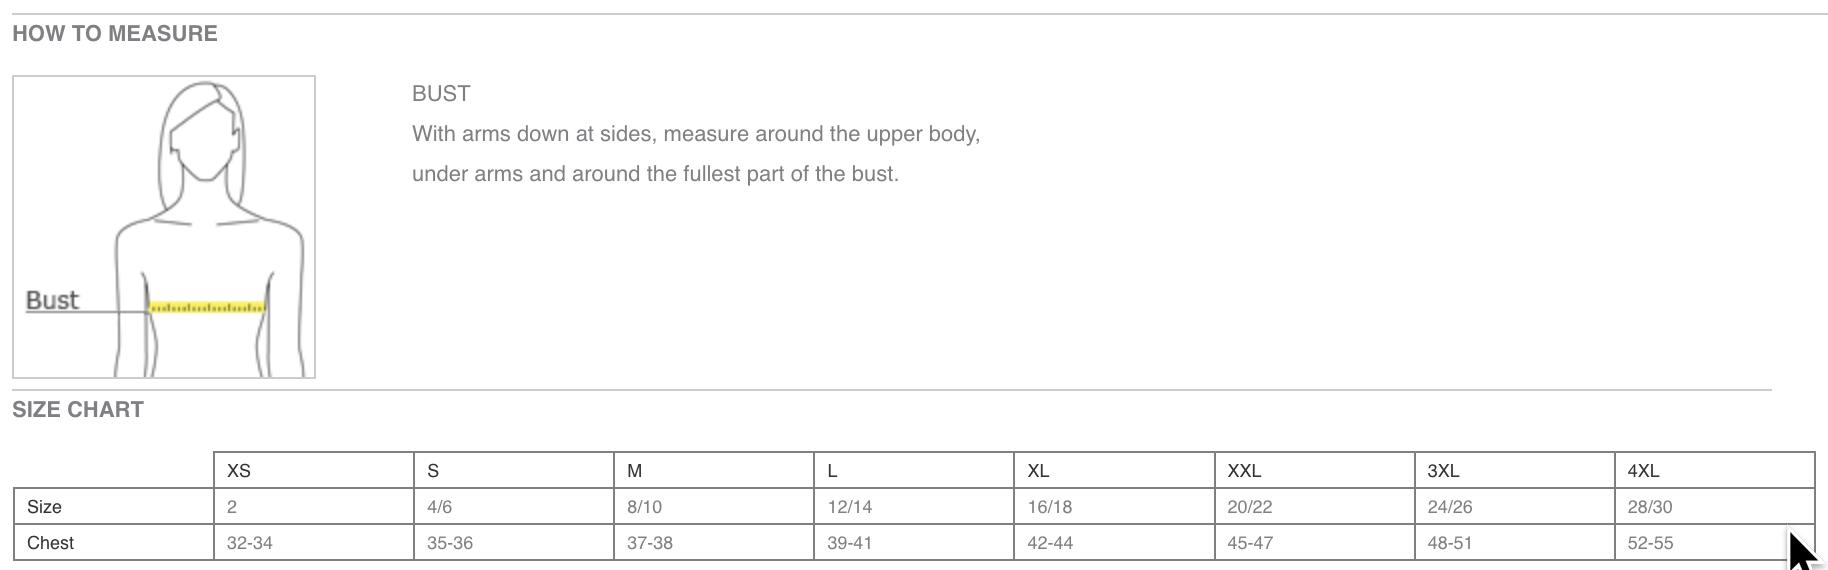 Drapey Dolman Measurements.png